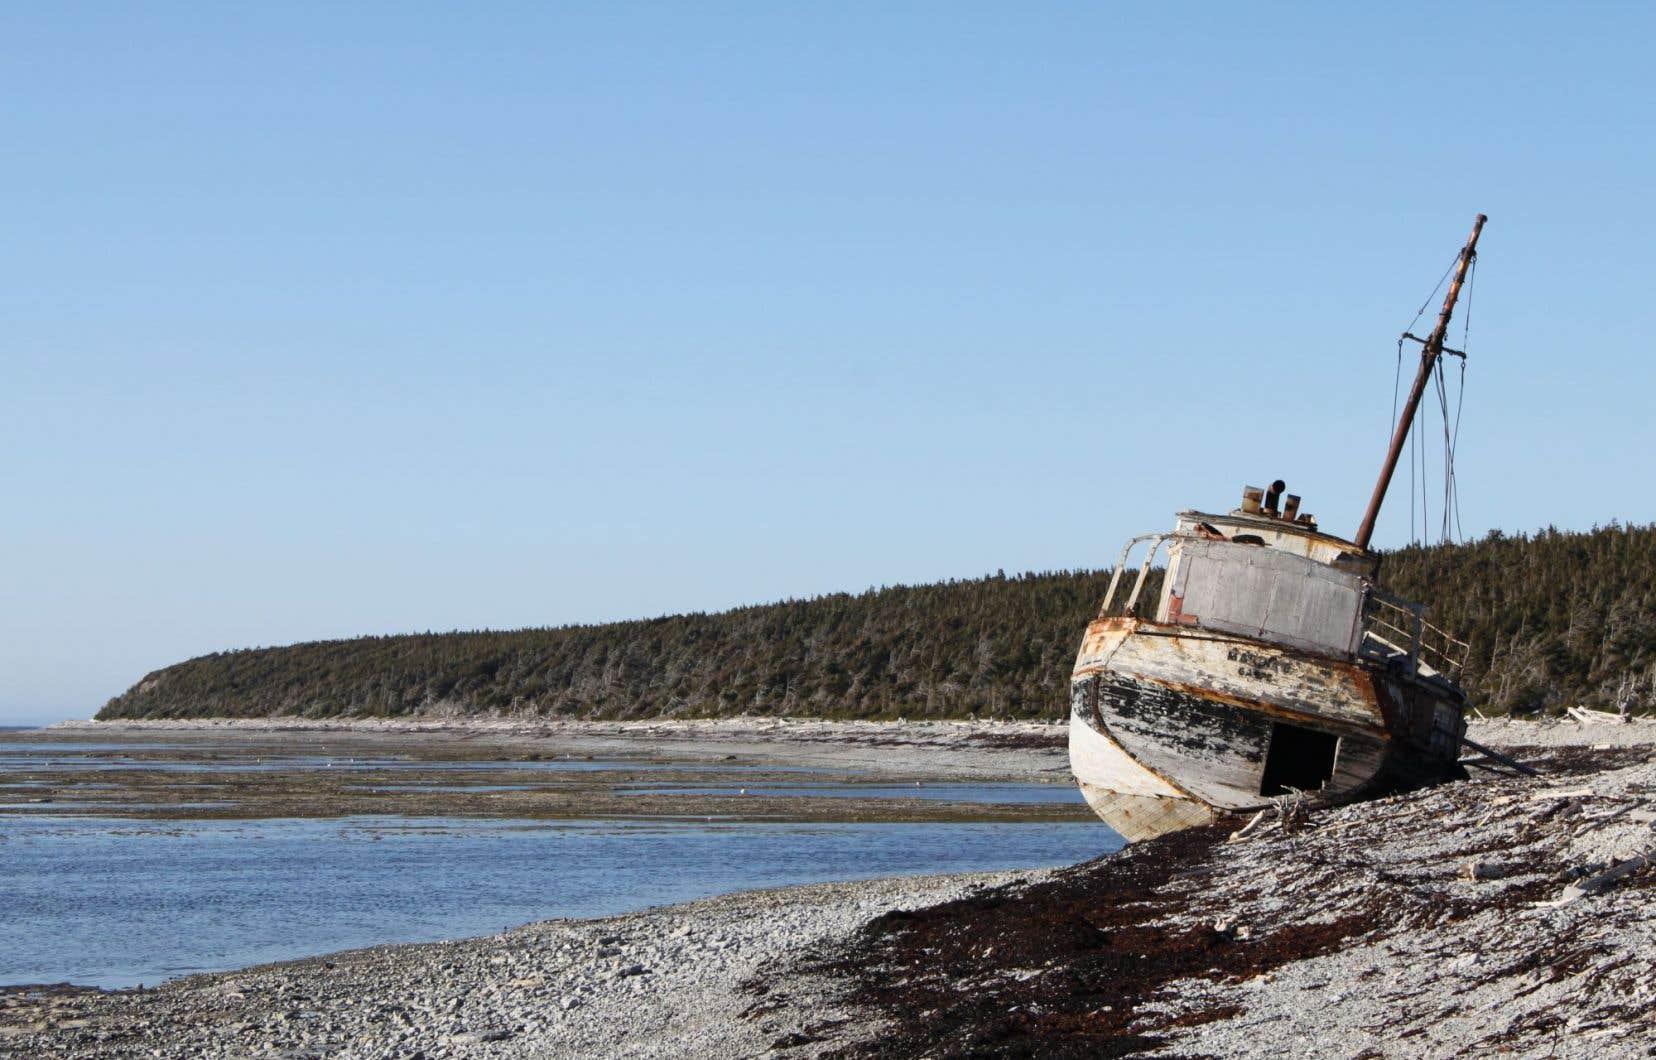 Les prélèvements d'eau doivent servir aux forages avec fracturation à venir sur l'île d'Anticosti.